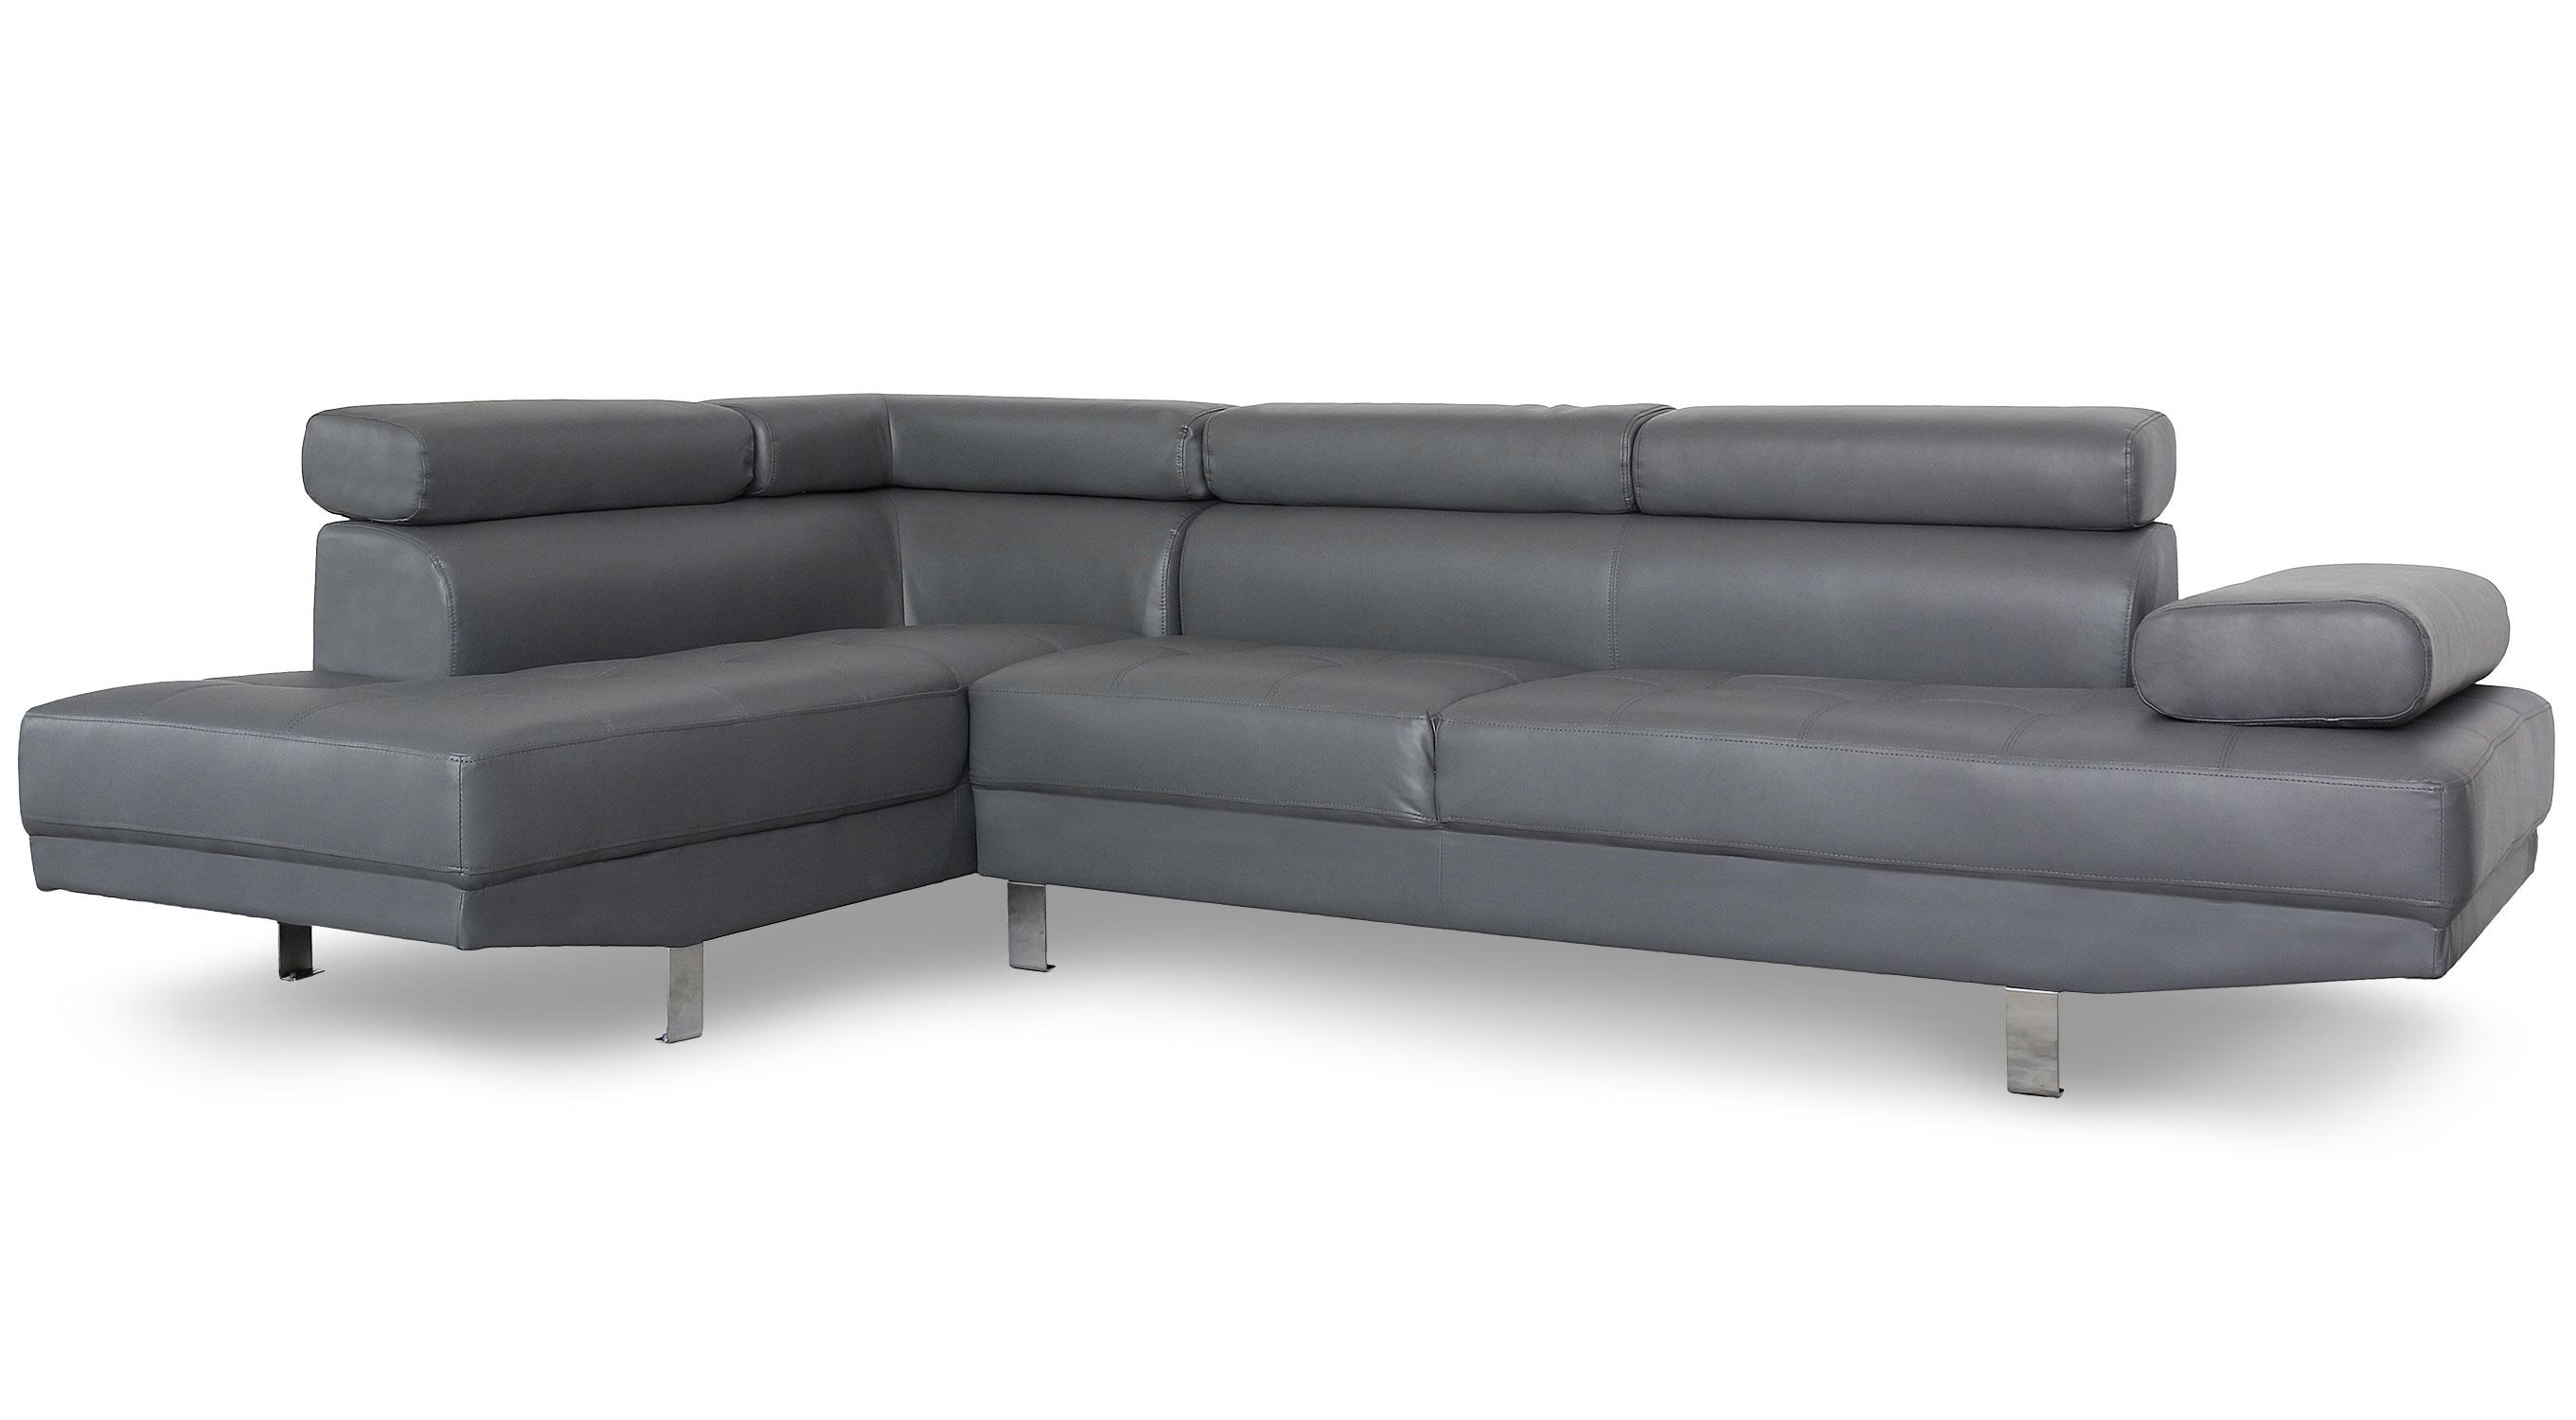 Divano Alfa angolare con poggiatesta sollevabili grigio in similpelle